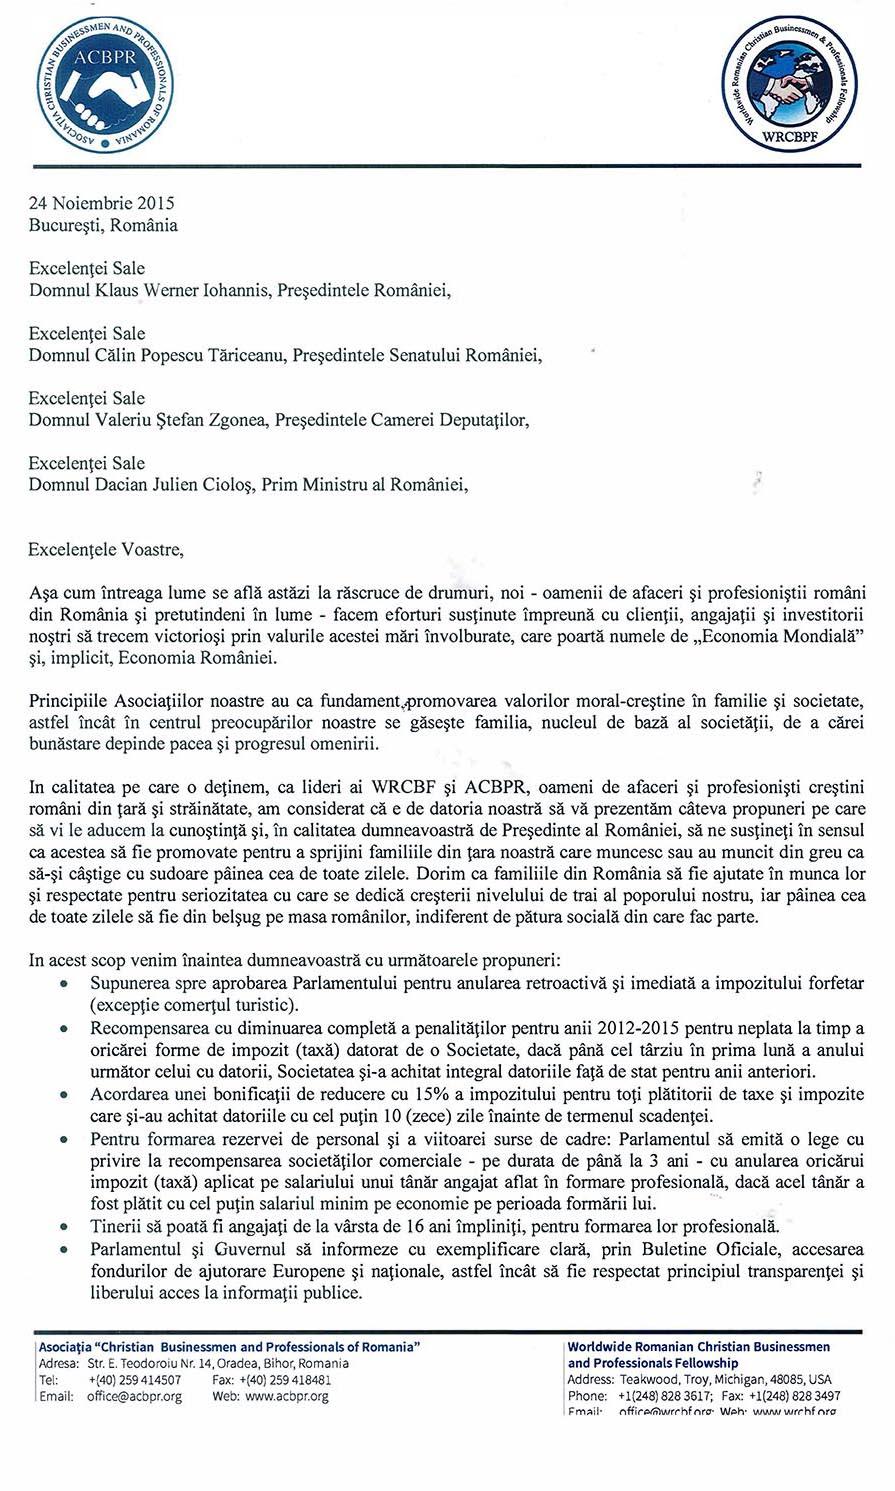 Scrisoare deschisa - 24 Noiembrie 2015 Bucuresti, Romania_Page_1